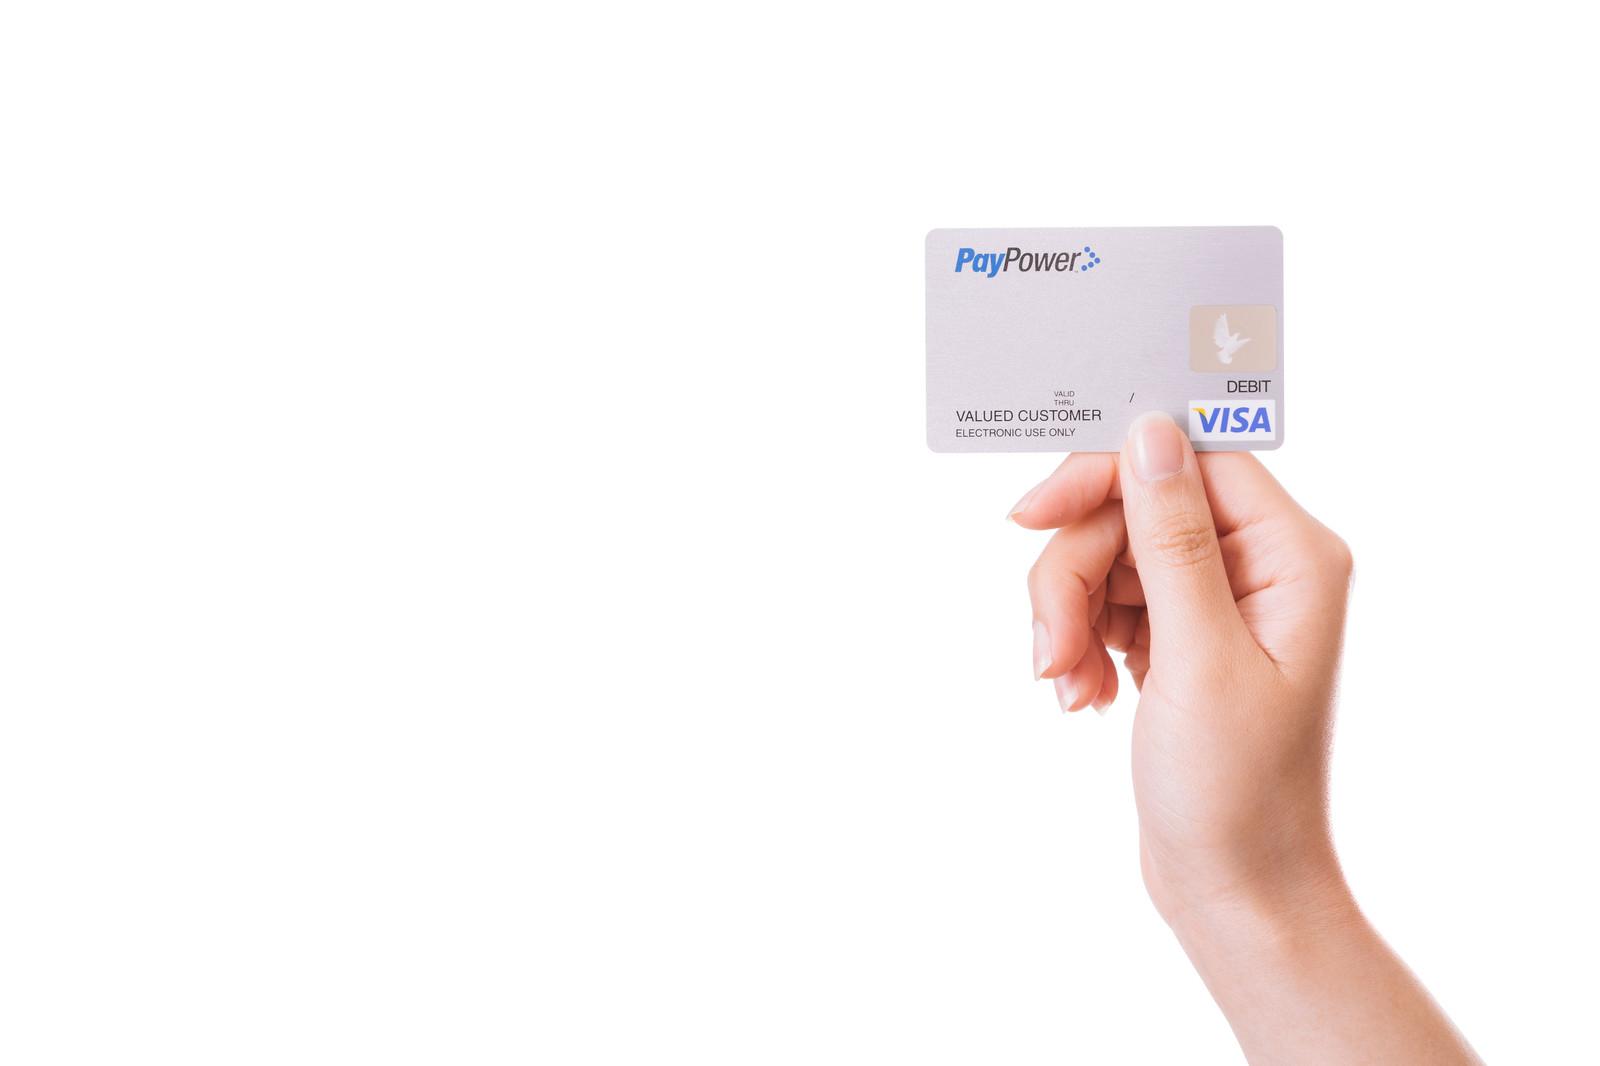 クレジットカードを持った手